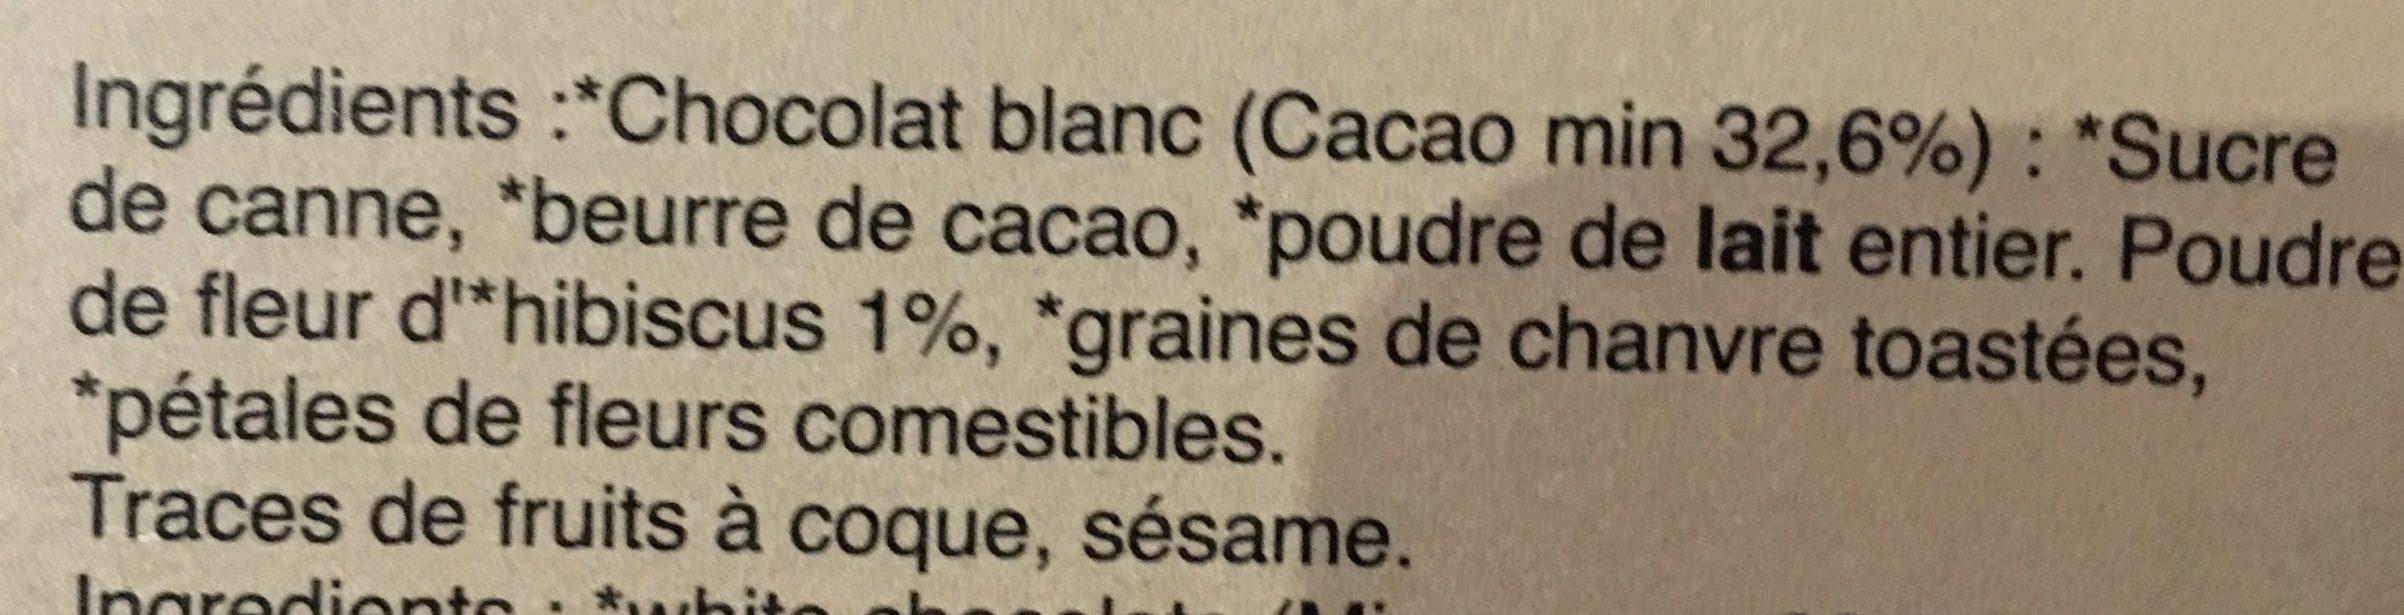 Chocolat blanc à la fleur d'hibiscus - Ingredients